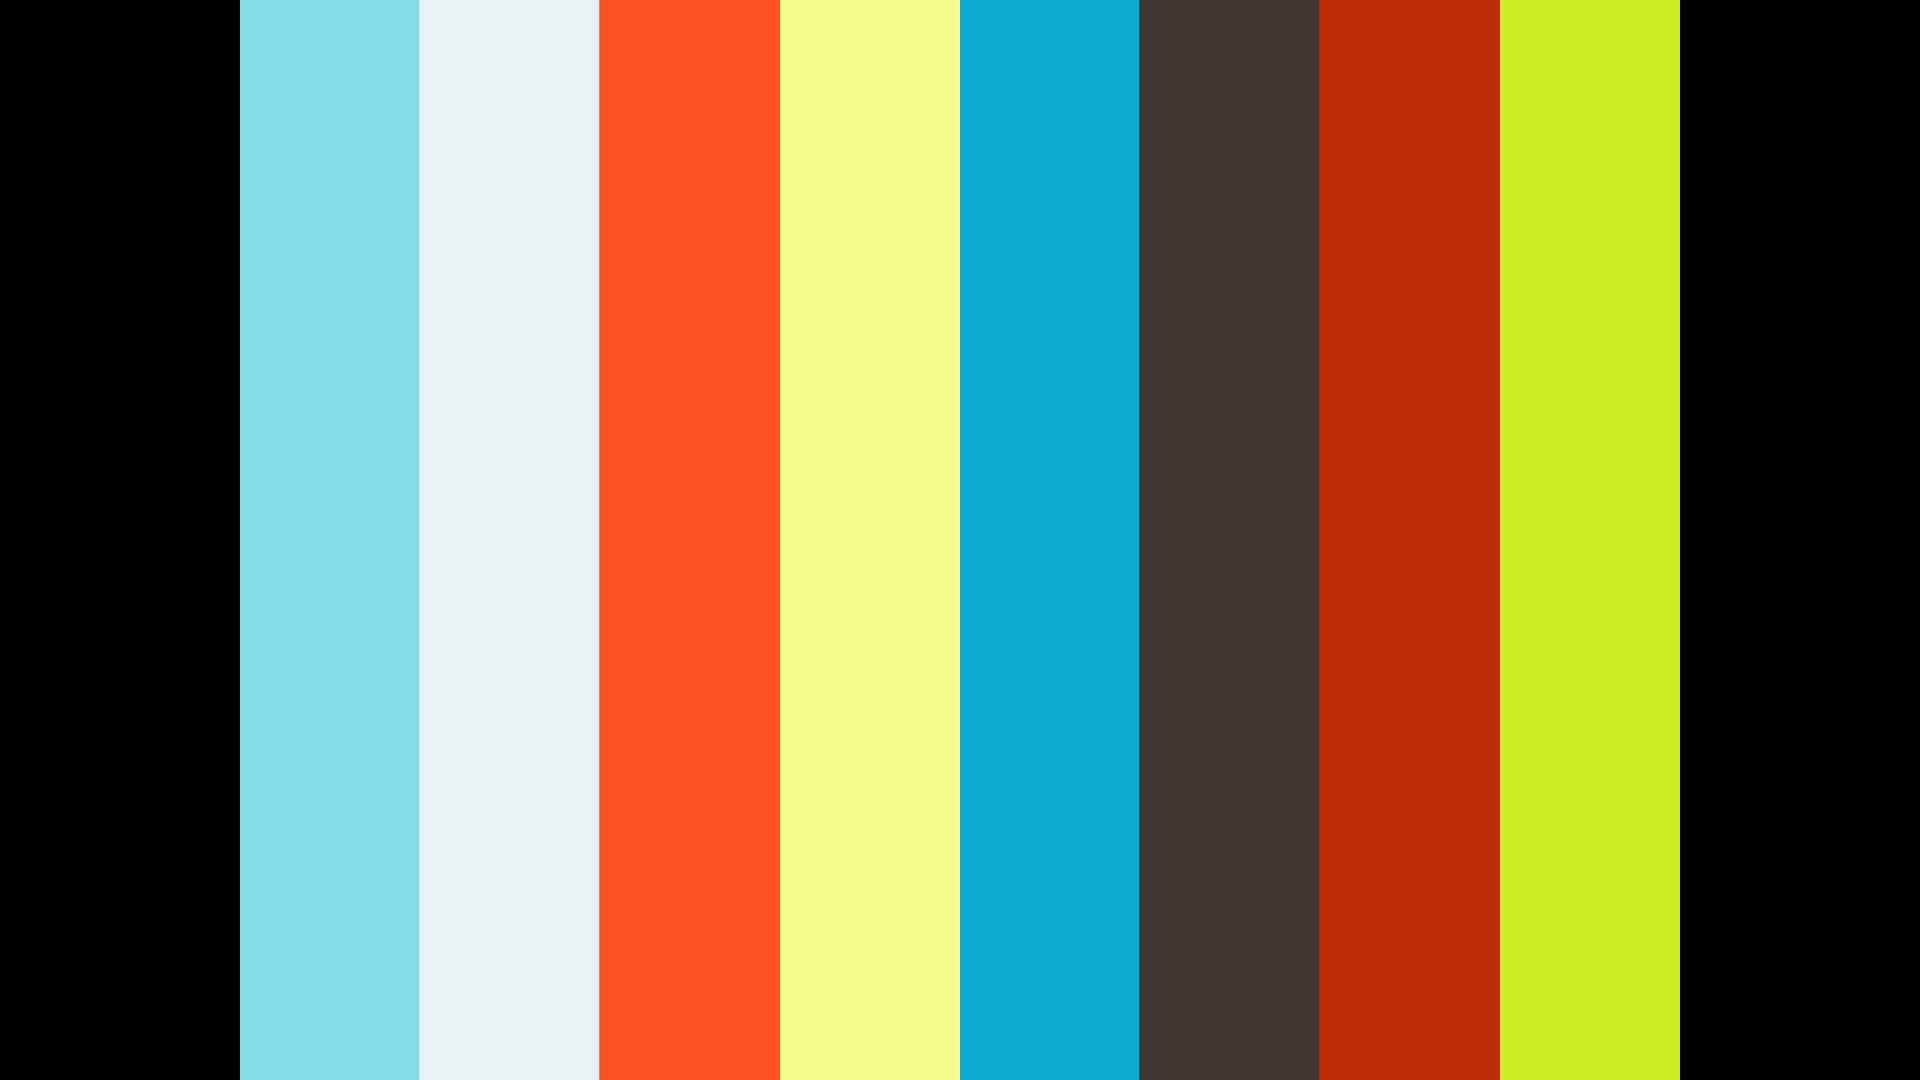 <p><u>Lebenswert - M&ouml;bel aus Liebe</u><br /> Bequeme L&auml;ssigkeit und Gem&uuml;tlichkeit im Landhausstil - Das sind die Massivholzm&ouml;bel von Lebenswert. Die hochwertigen Holzm&ouml;bel versprechen Ihnen bleibende Einrichtungswerte durch hohe Qualit&auml;tsstandards, &ouml;kologisch vorbildliche Materialwahl und nicht zuletzt geschmackvolles Design, das bei Ihnen eine nat&uuml;rliche Wohnatmosph&auml;re erzeugt.</p>